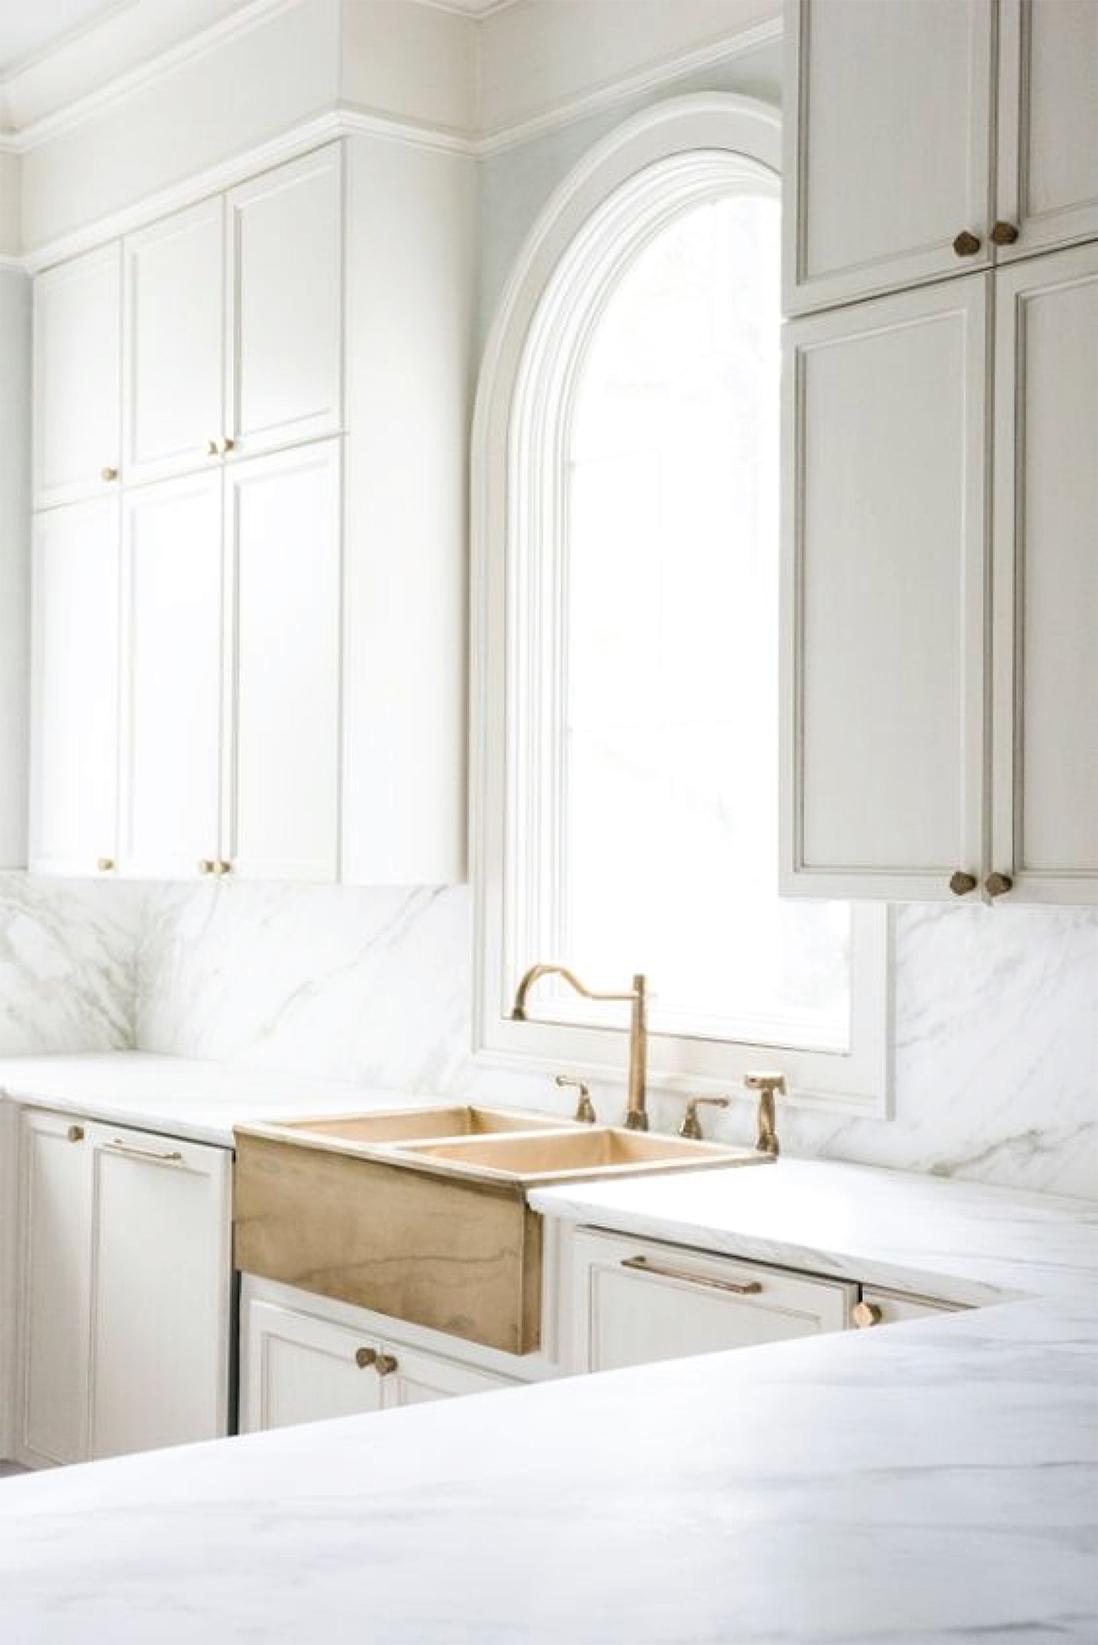 White Kitchen Cabinets   Brass Sink   Akin Design Studio Blog